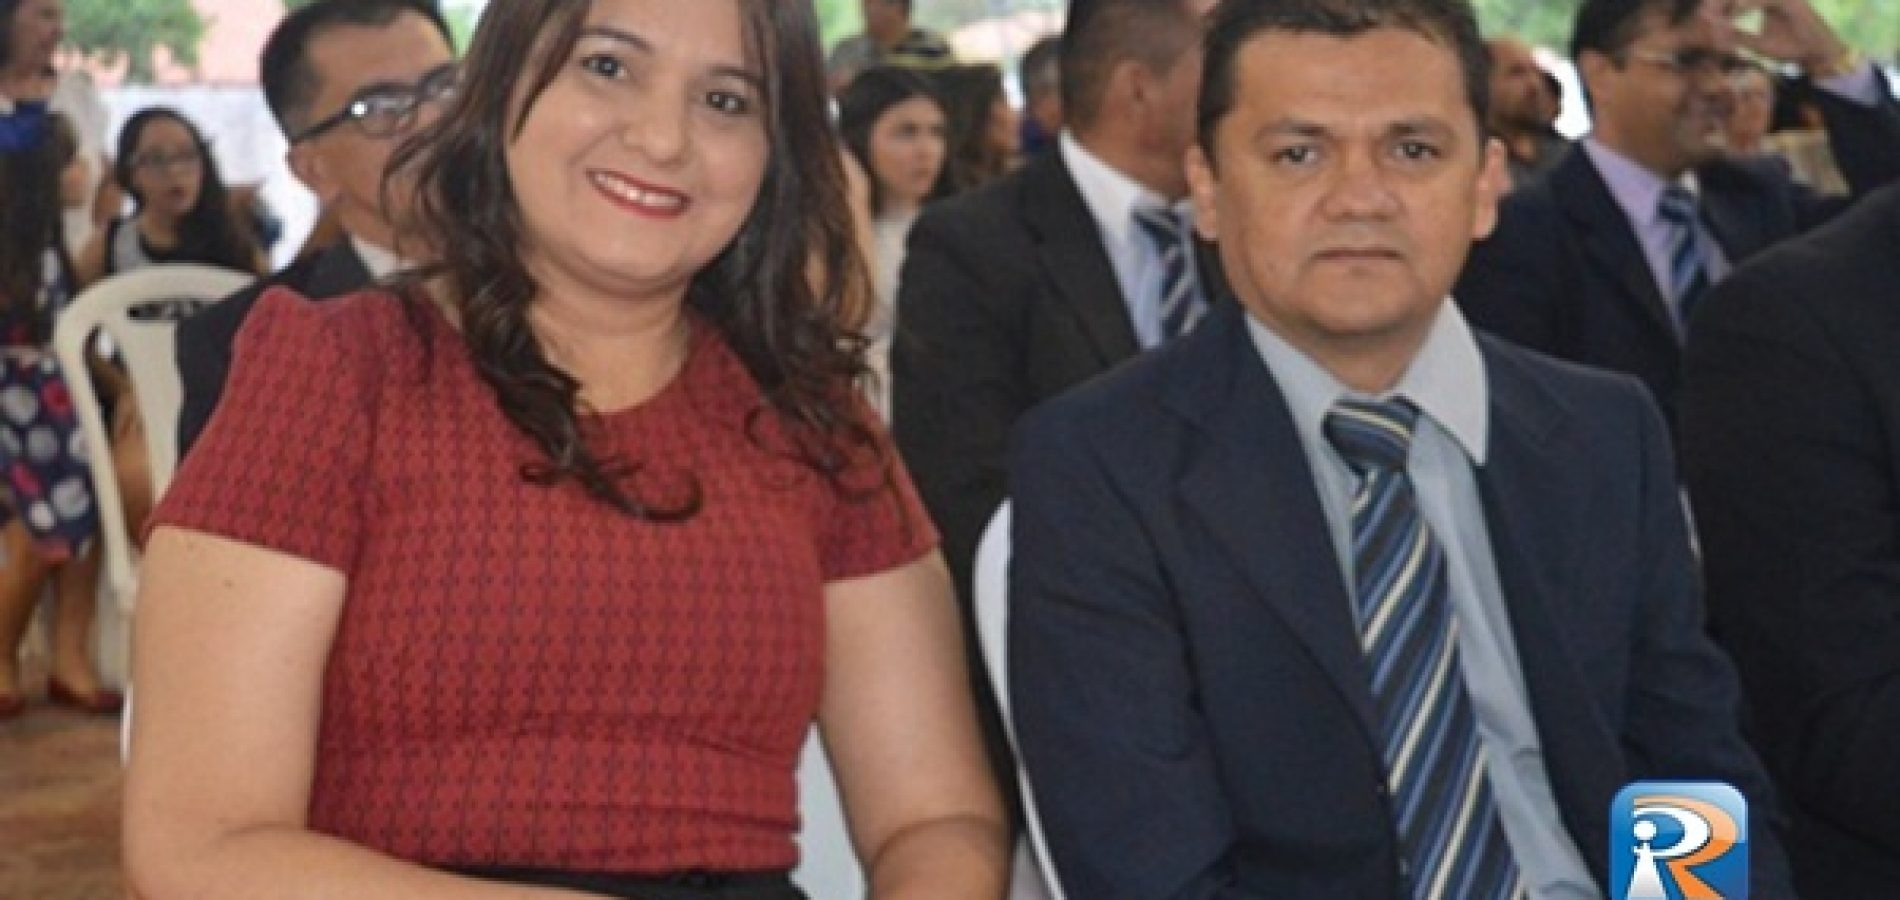 Juíza cassa mandato de prefeita e determina novas eleições no PI